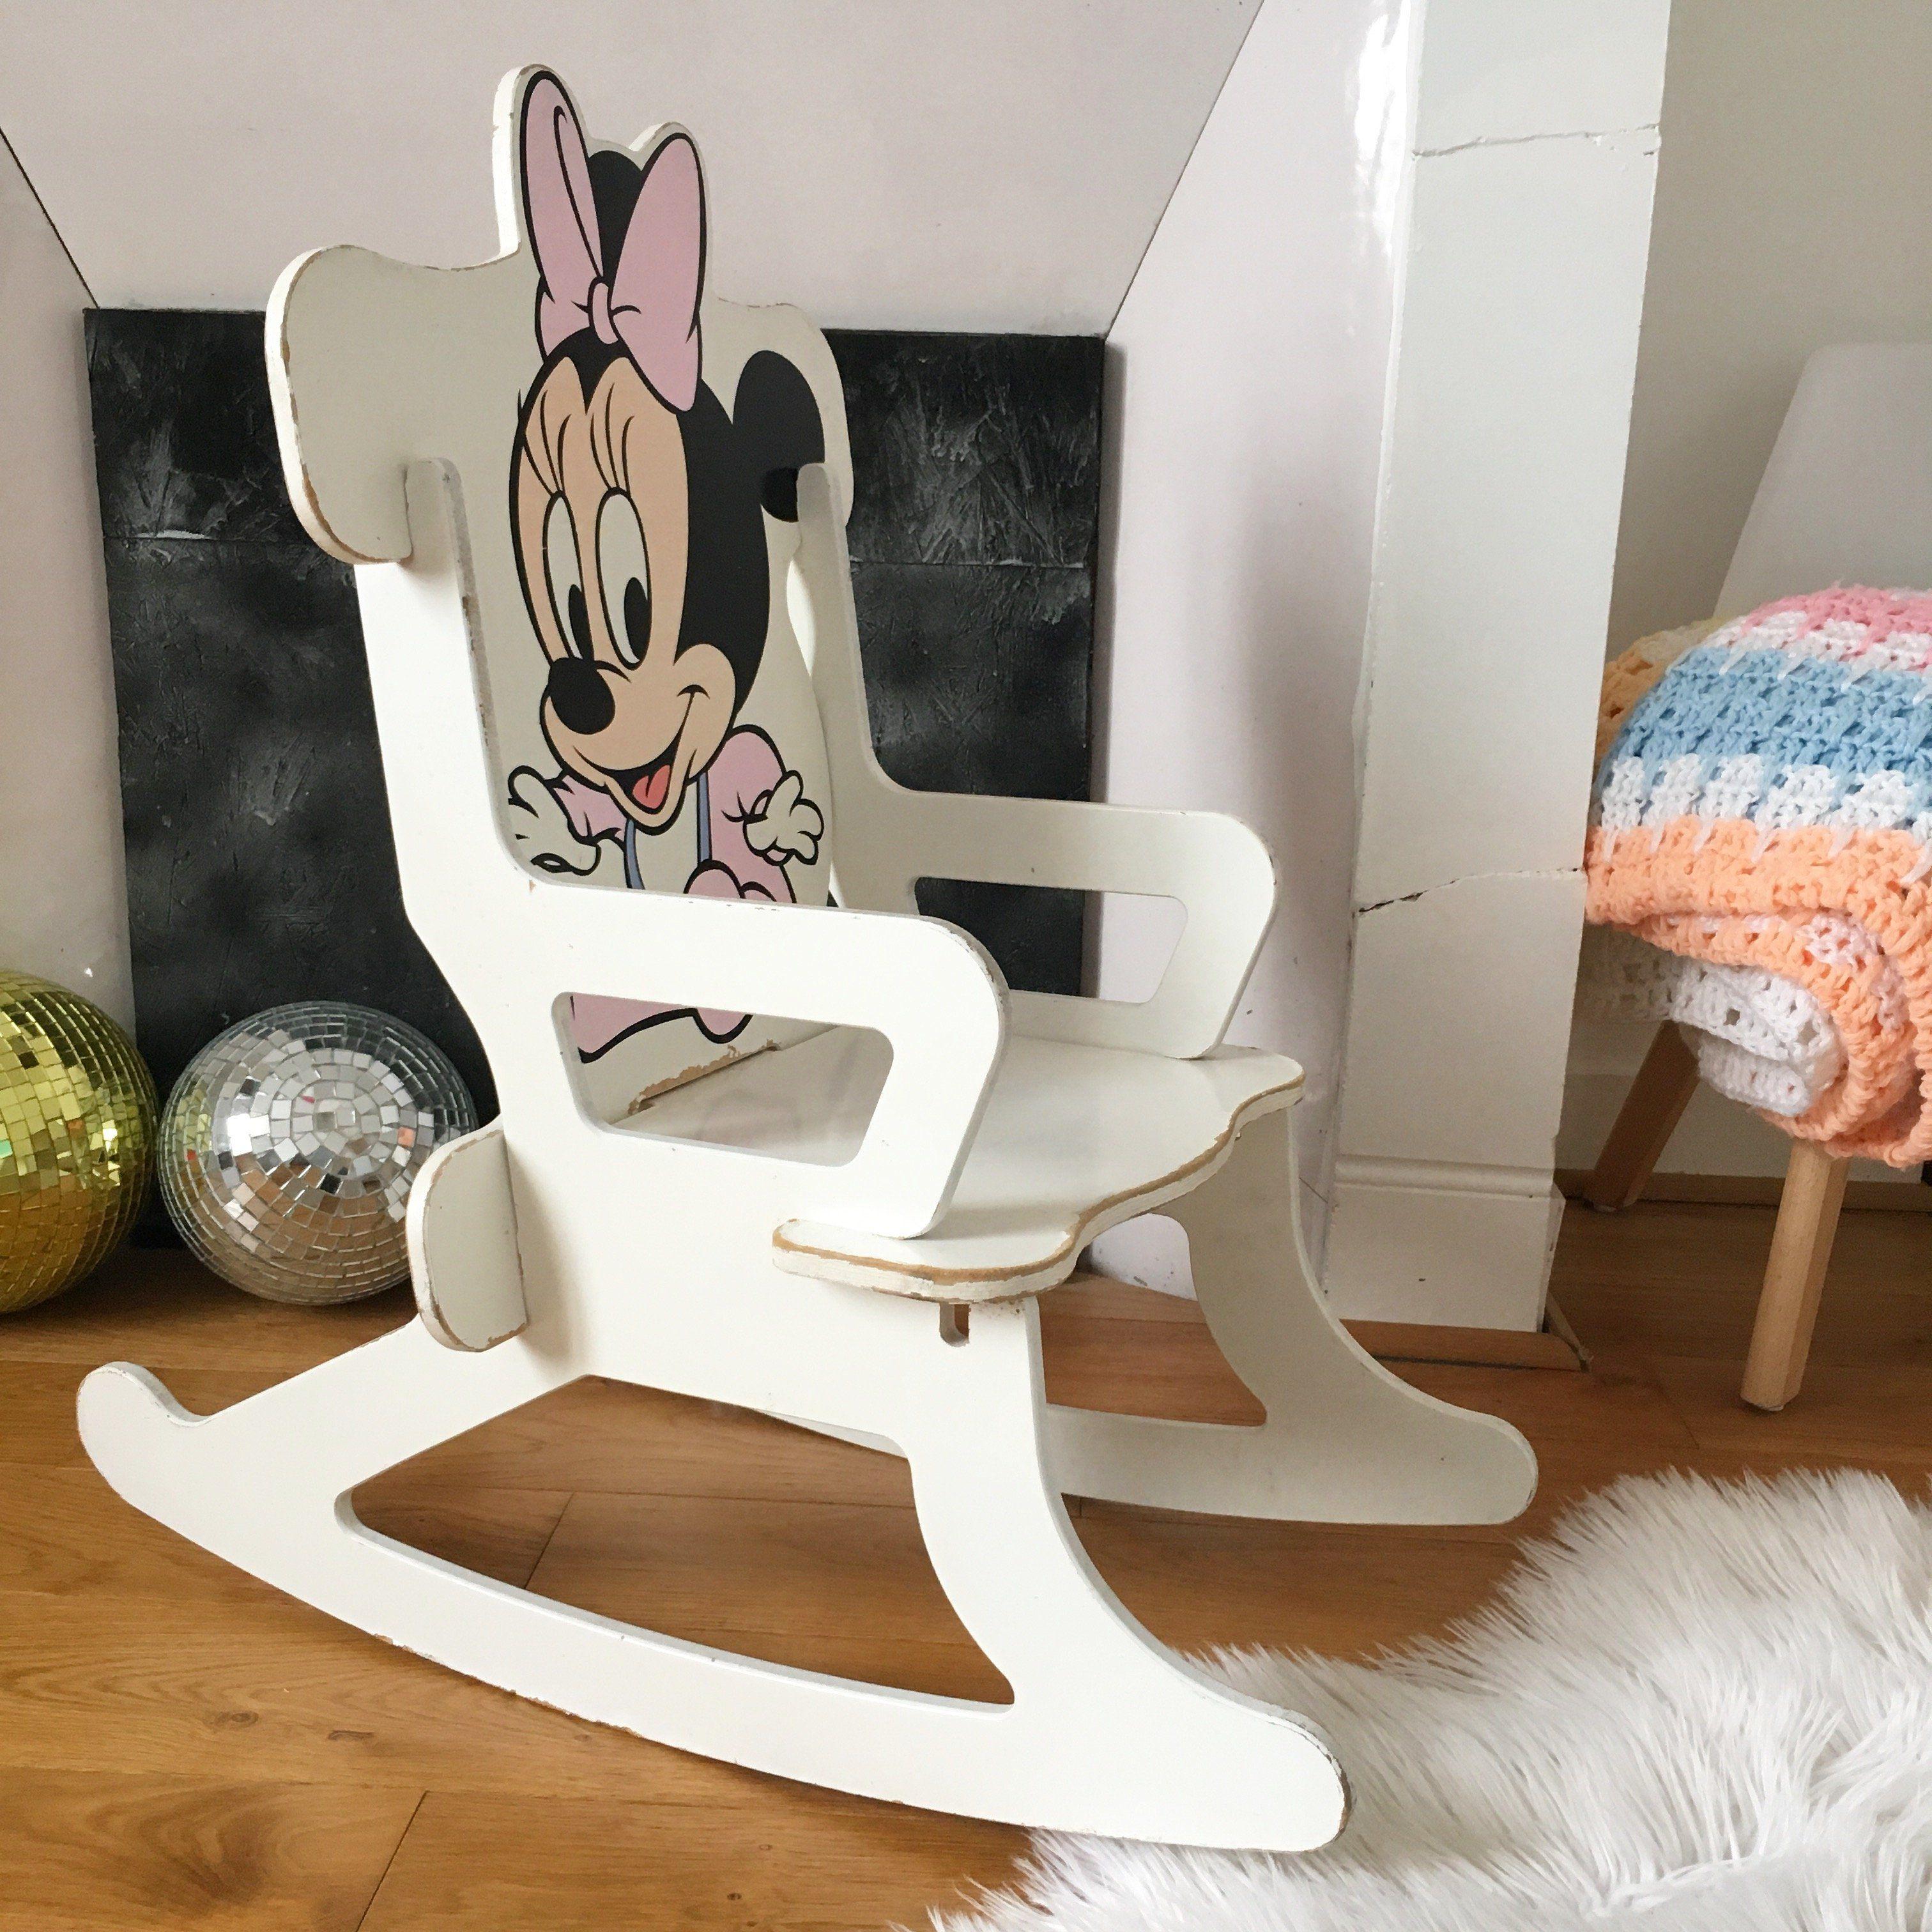 Orangevertevintage Chaise A Bascule Rocking Chair En Bois Pour Enfant Disney